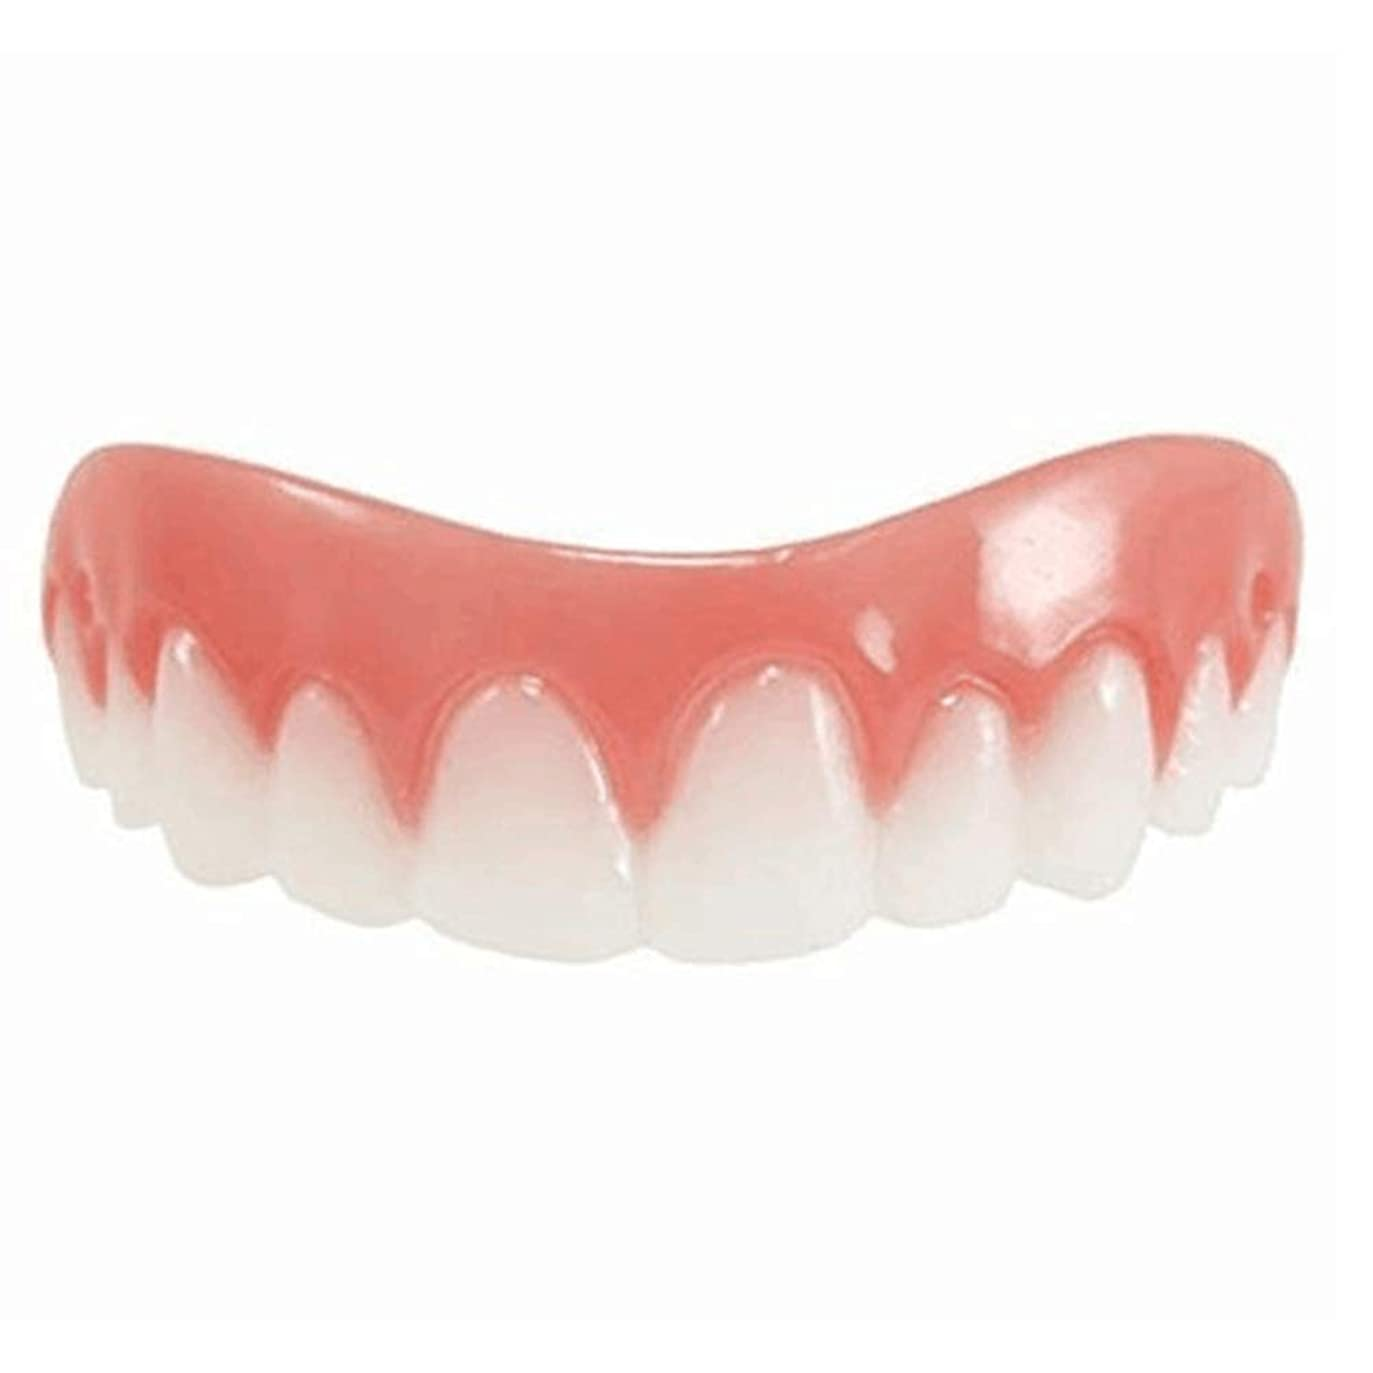 サーキュレーション針切り下げシリコンシミュレーション義歯、歯科用ベニヤホワイトトゥースセット(1個),A